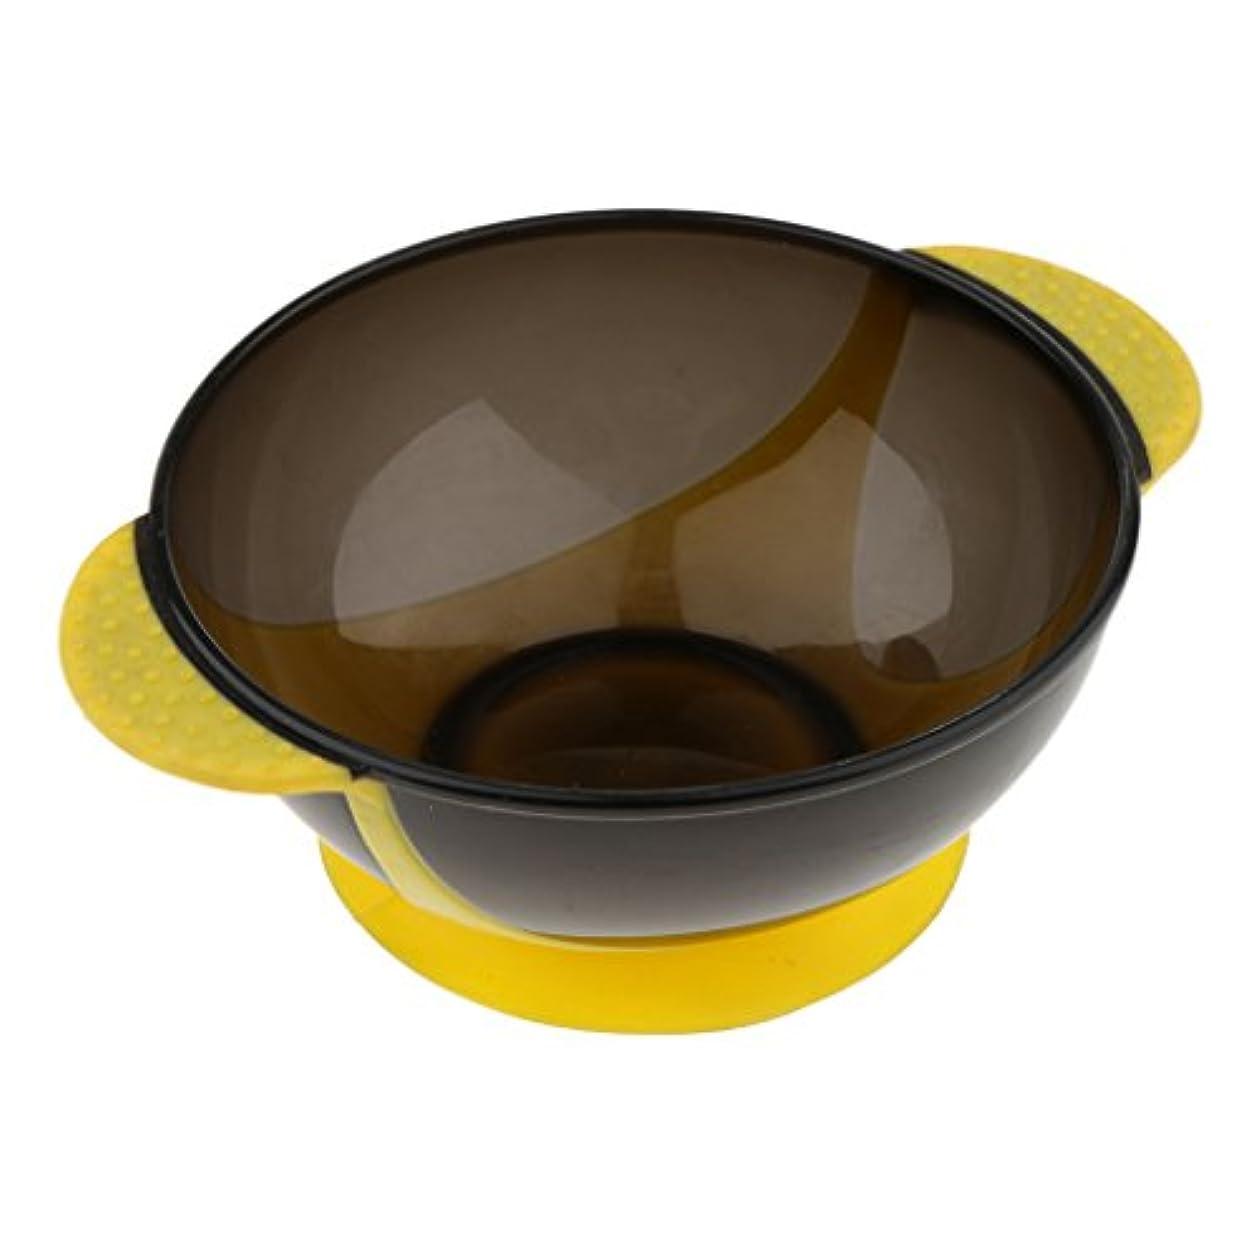 不信患者密Perfk ヘアダイボウル プラスチック製 サロン 髪染め ミントボウル 着色ツール 吸引ベース 3色選べる - 黄